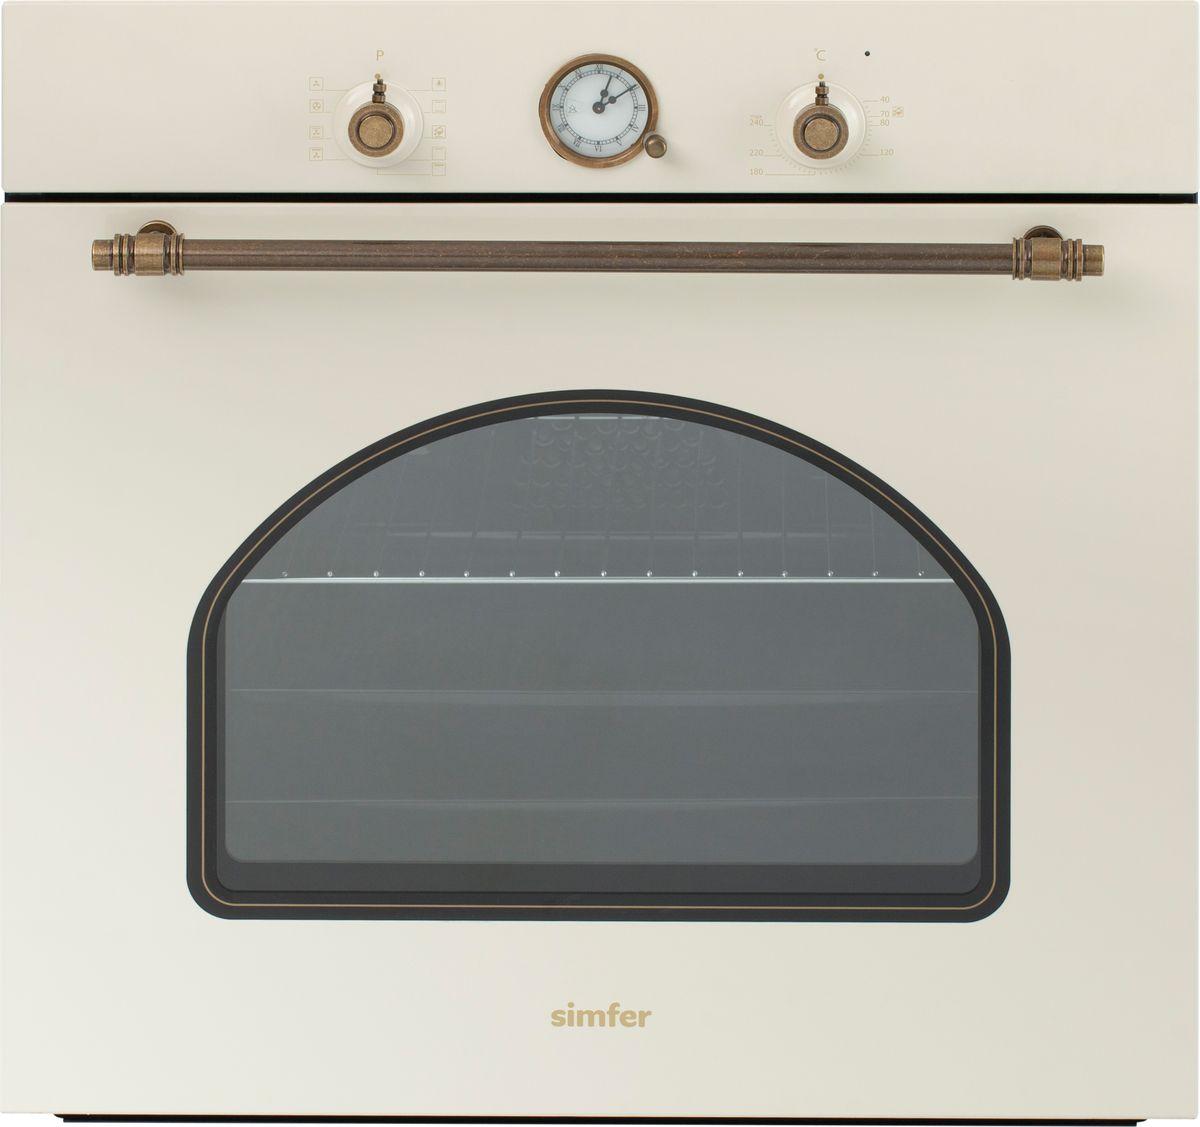 Электрический духовой шкаф Simfer B6EO77017 электрический духовой шкаф simfer b6eo77017